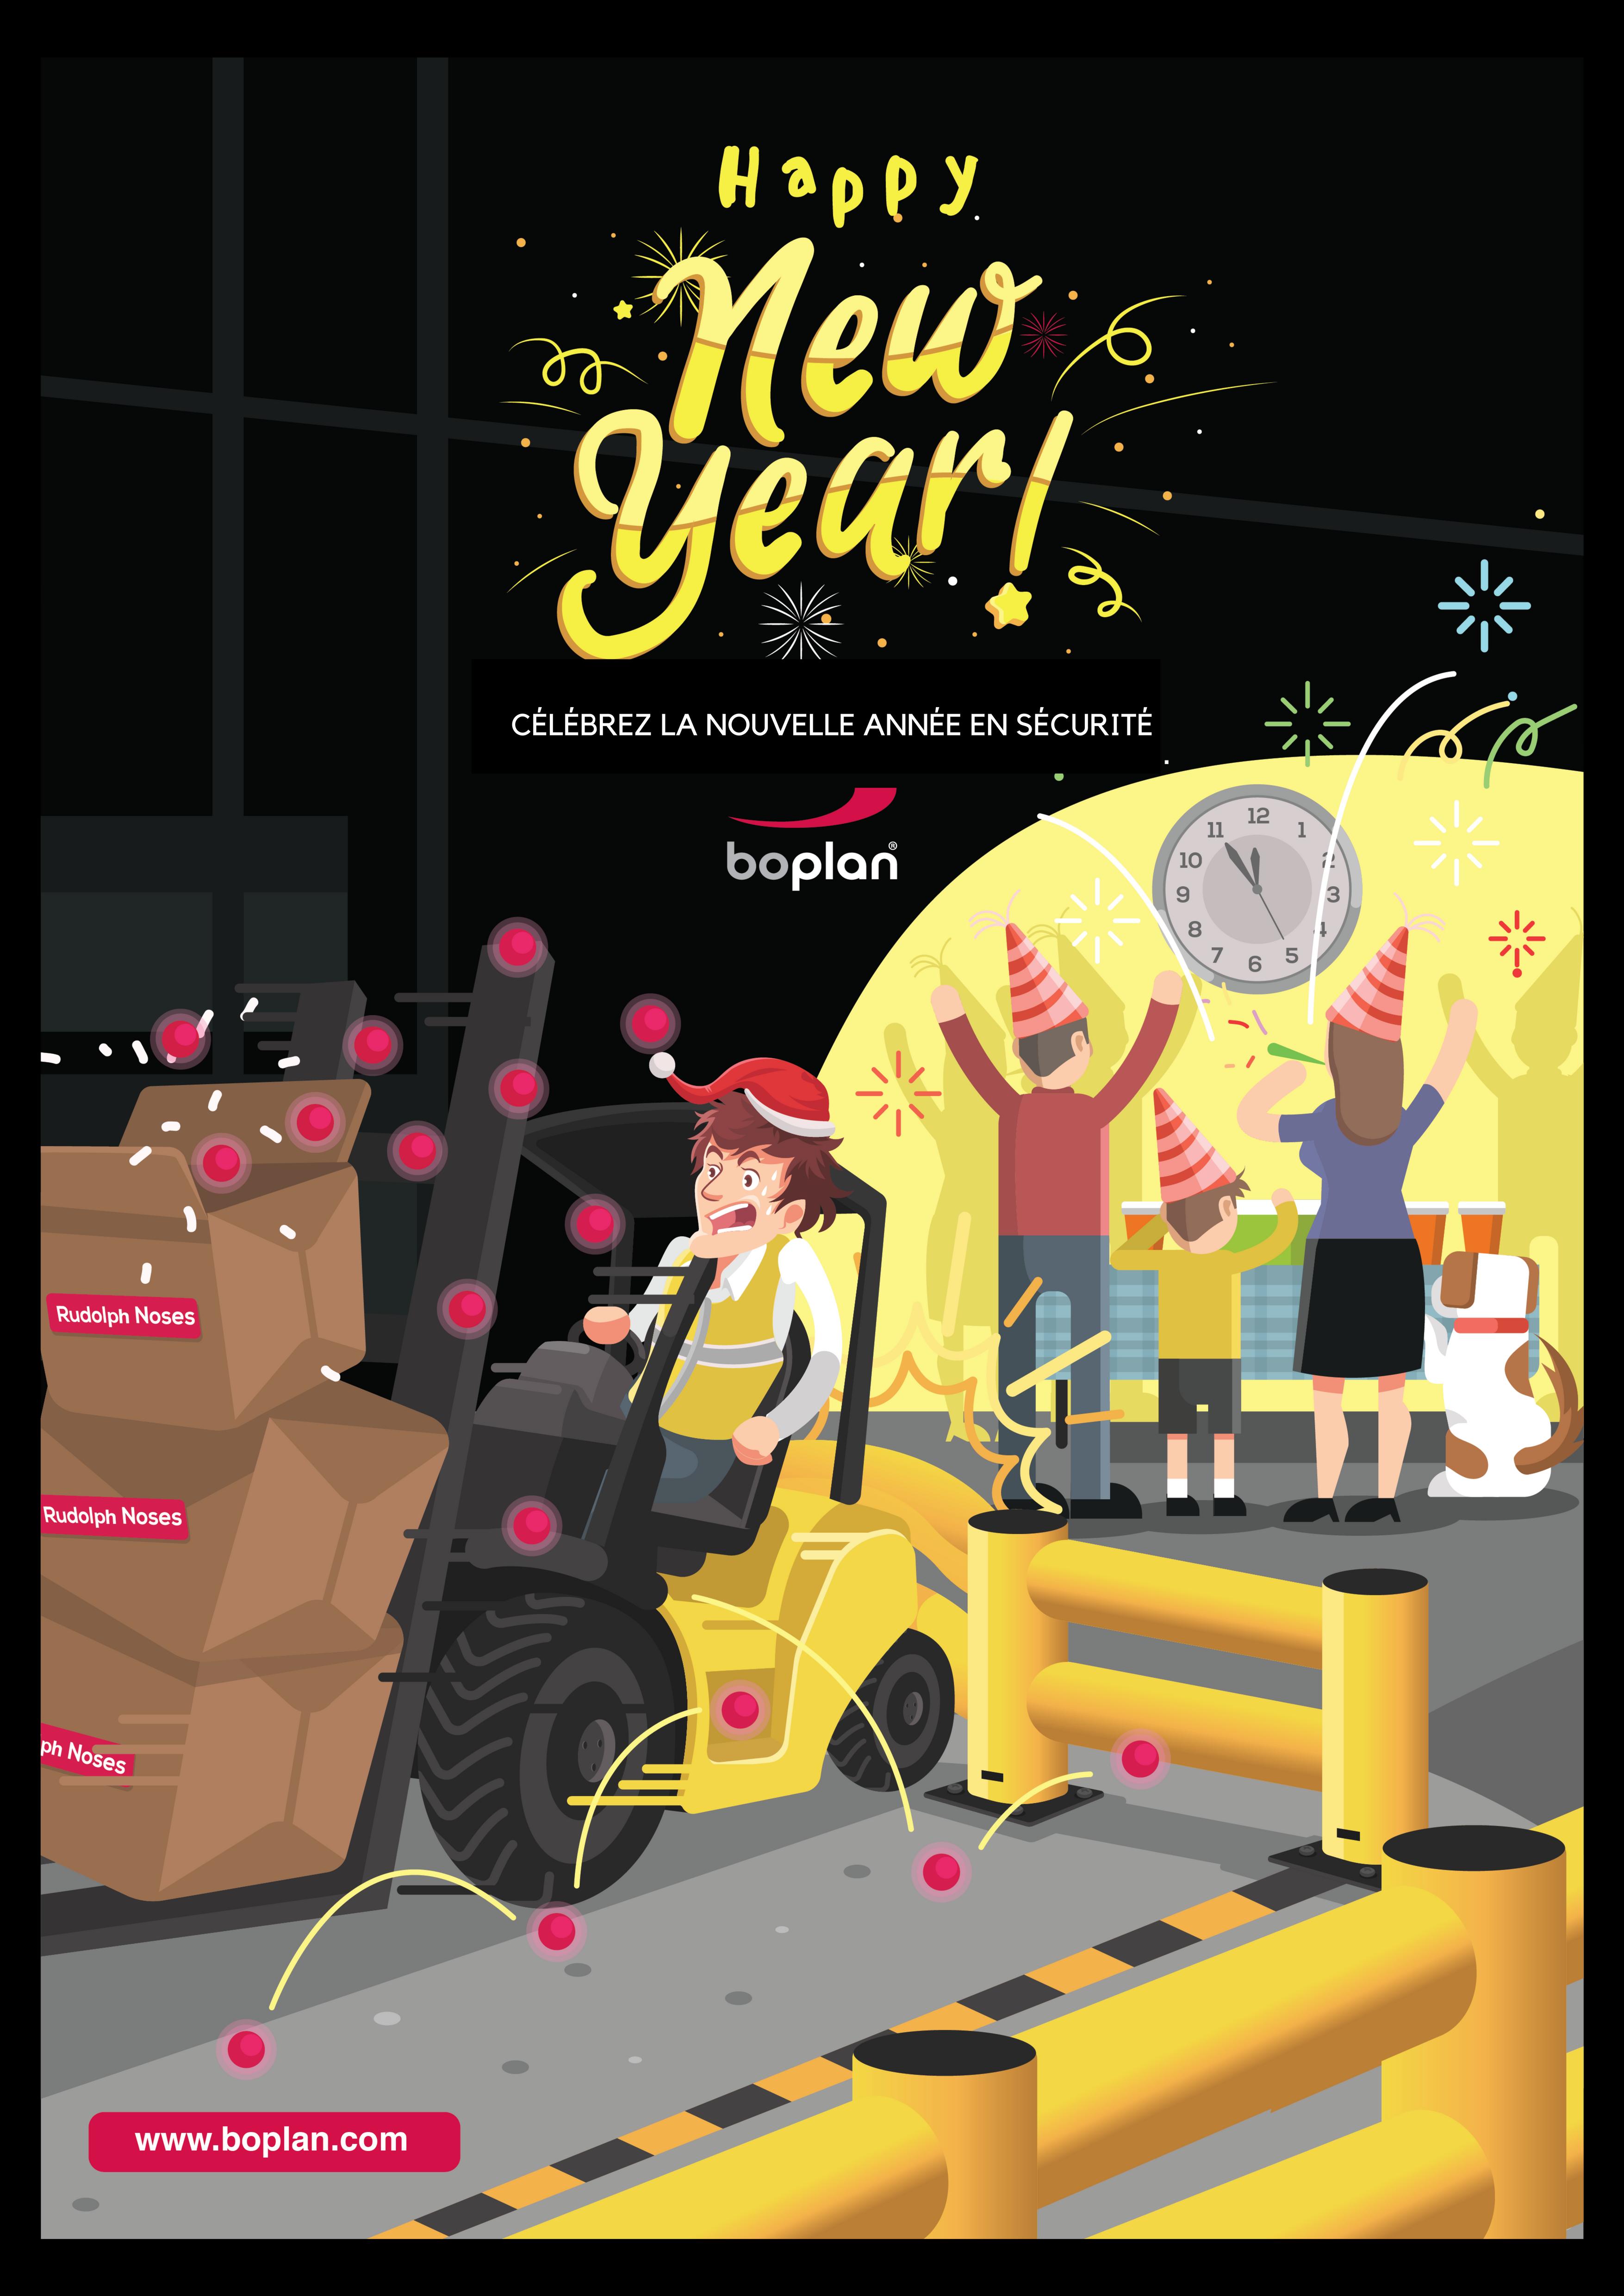 Boplan vous souhaite une bonne année 2018